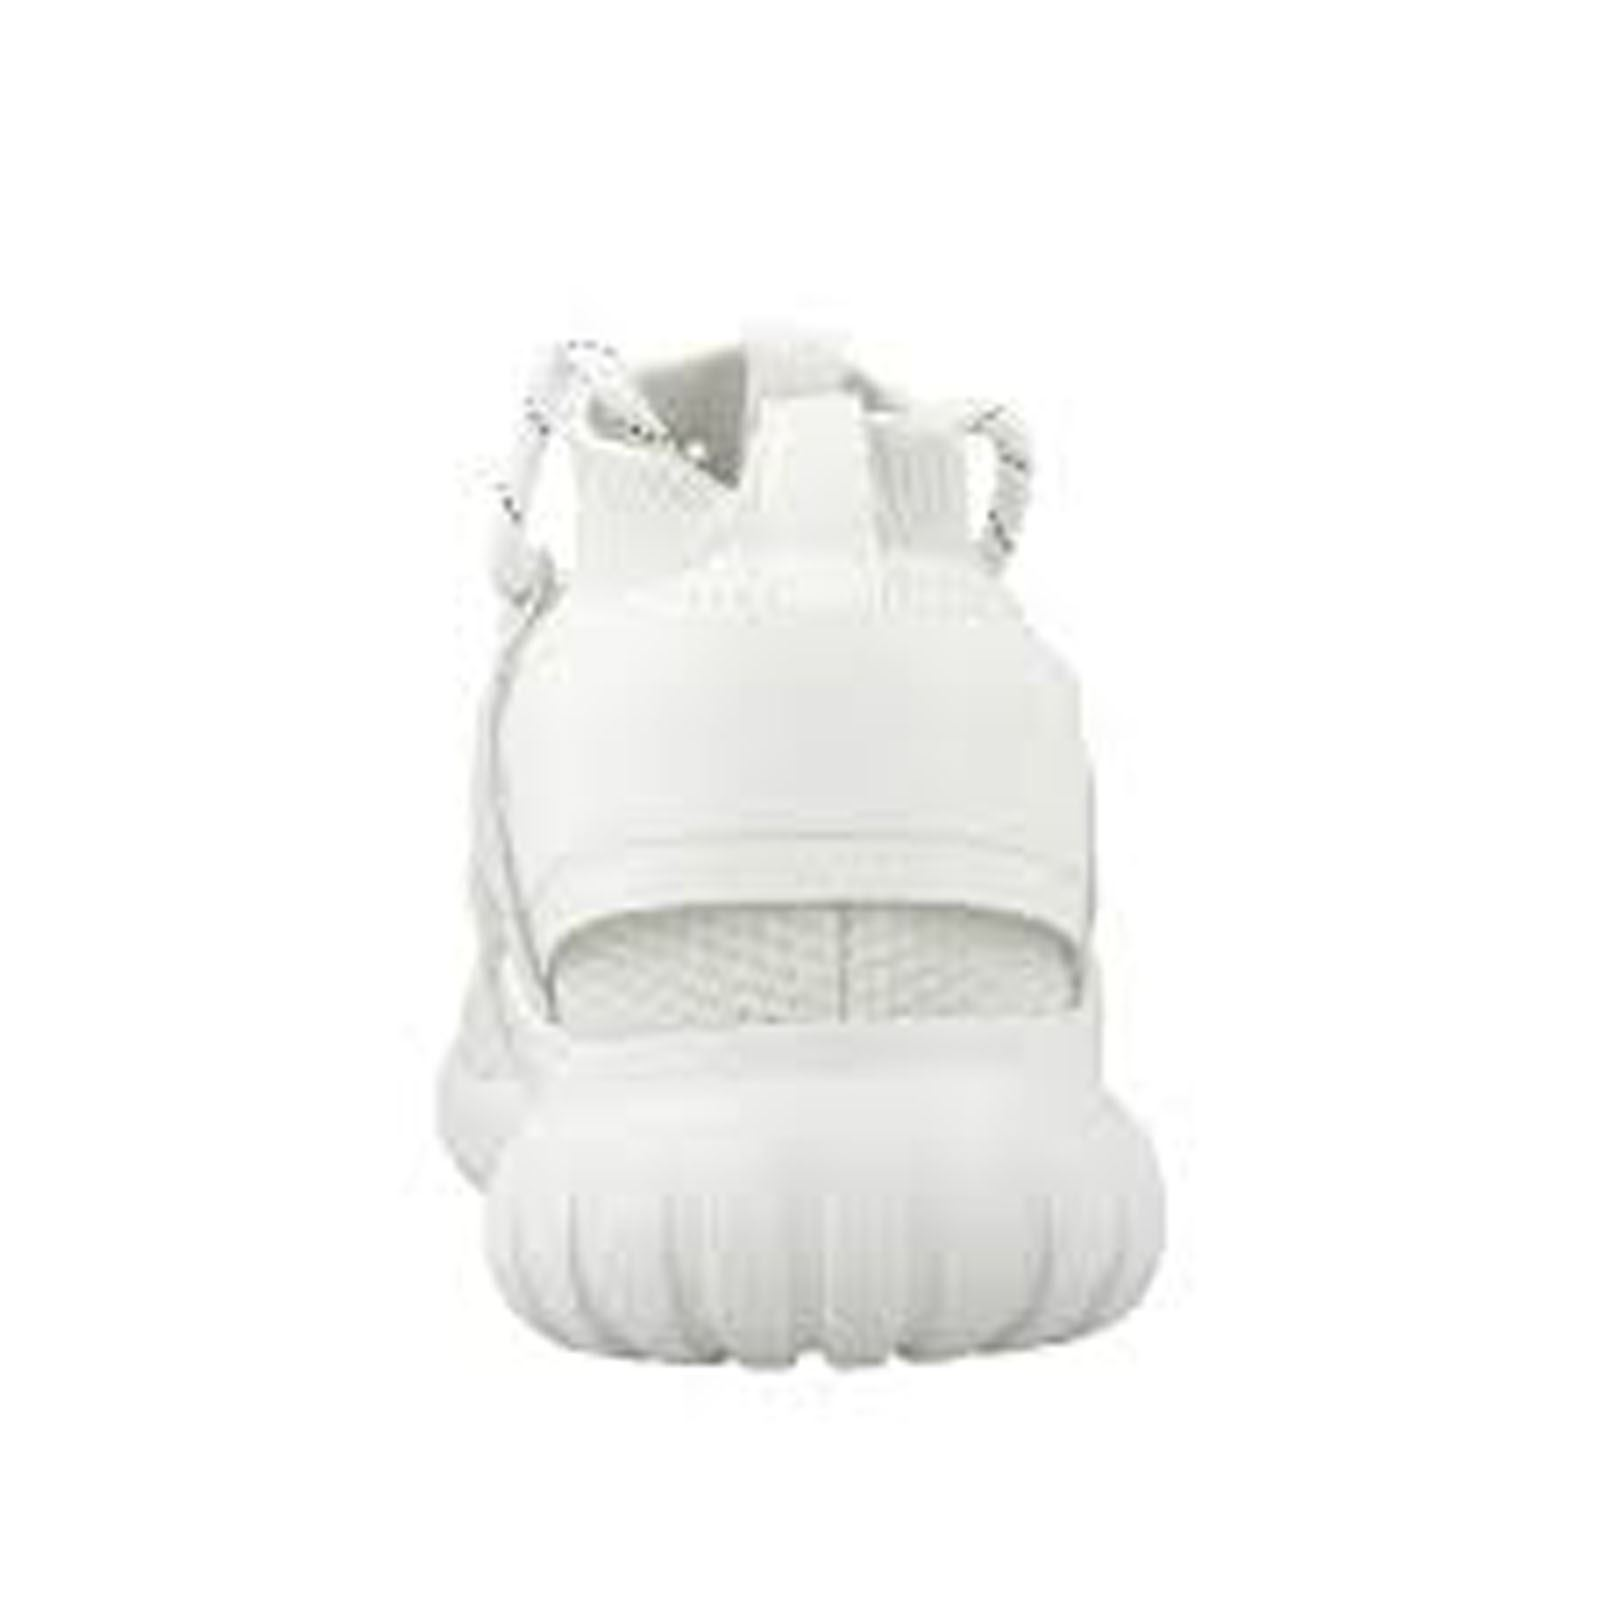 huge selection of 6e78f 032ed Adidas-tubular-Radial-amp-Nova-PK-Baskets-Homme-